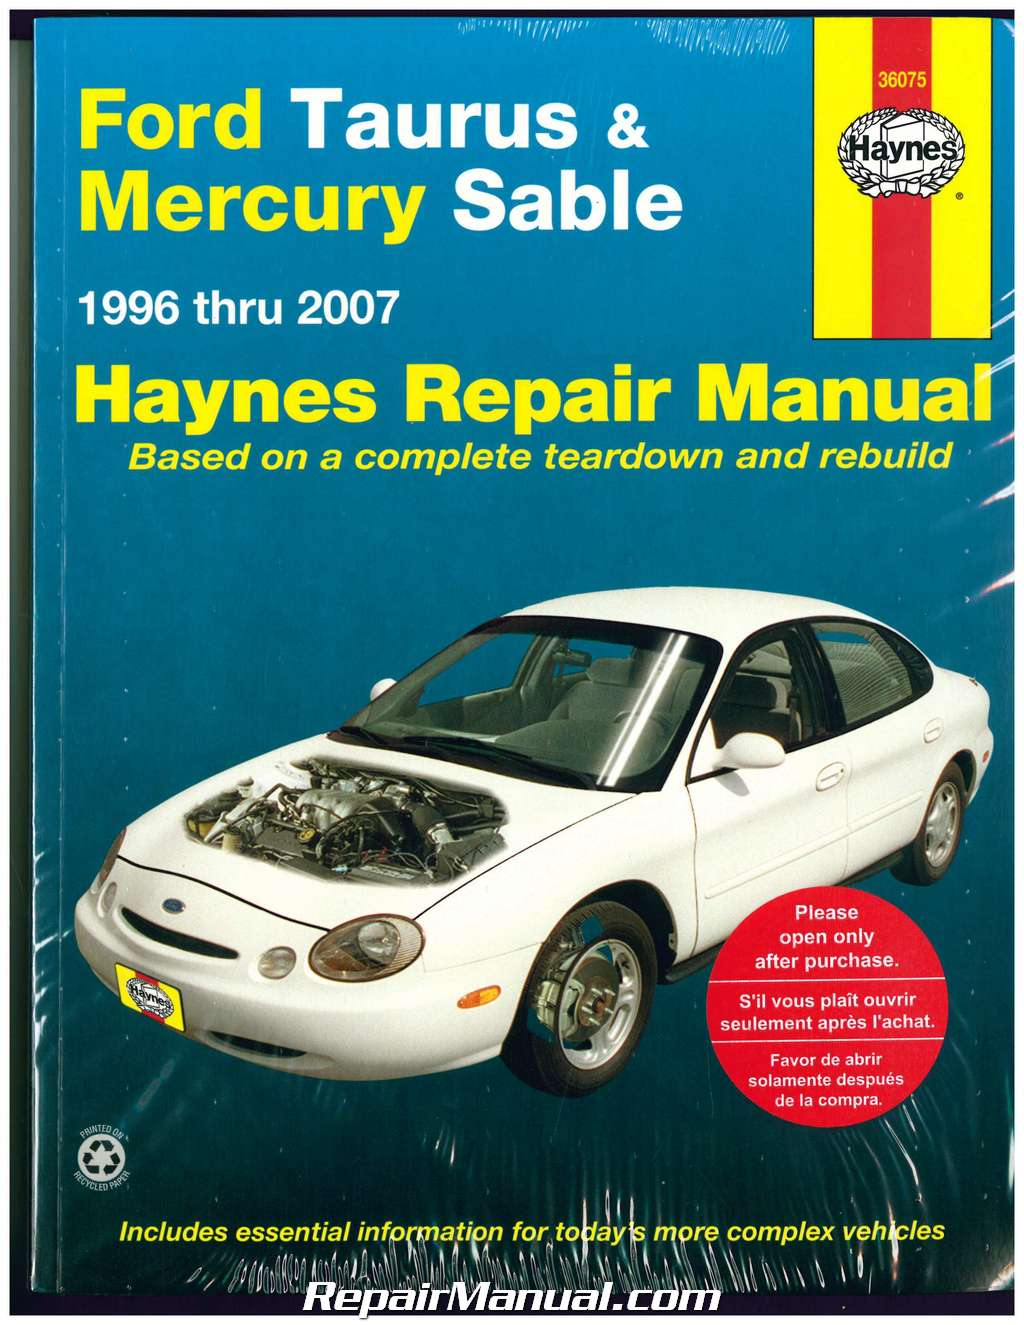 Haynes Ford Taurus Mercury Sable Ford Repair Manual